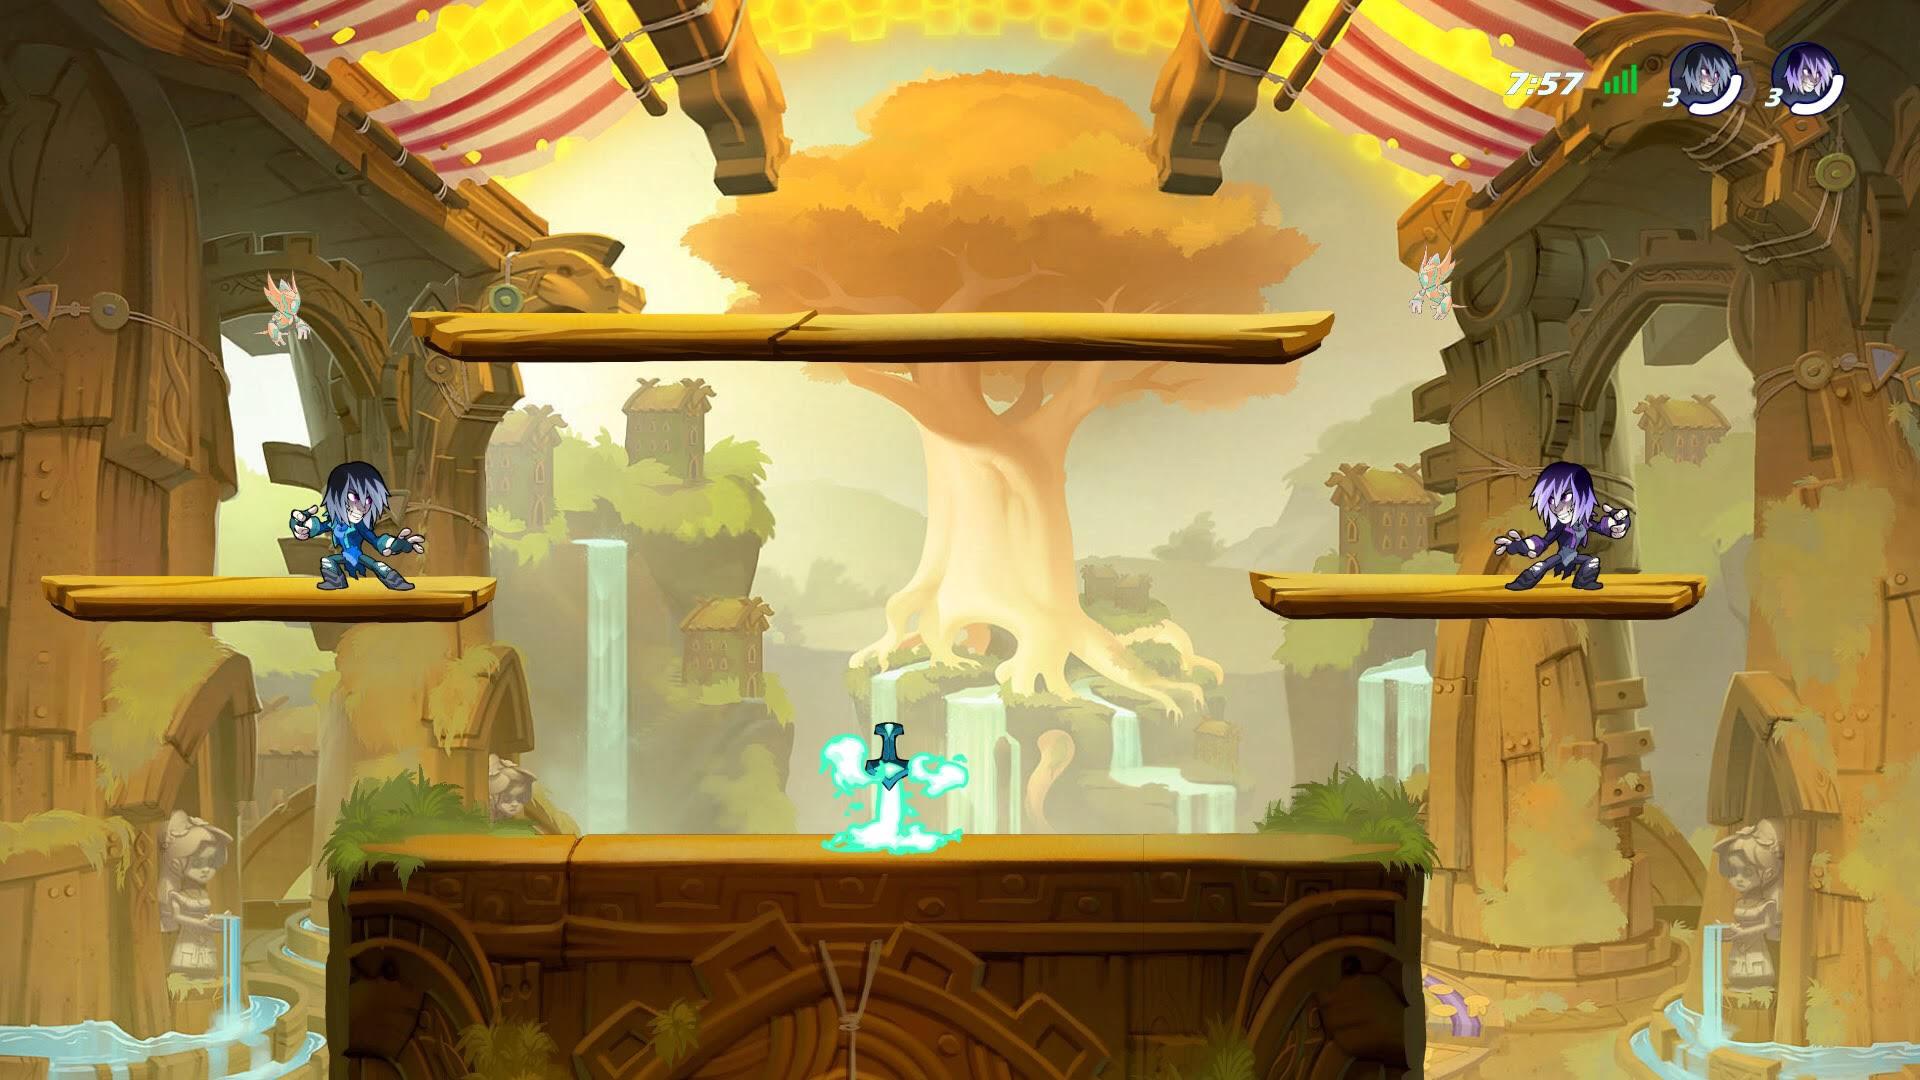 ما تحتاج لمعرفته حول Brawhalla ، البديل Super Smash Bros. يمكنك اللعب مجانًا 3